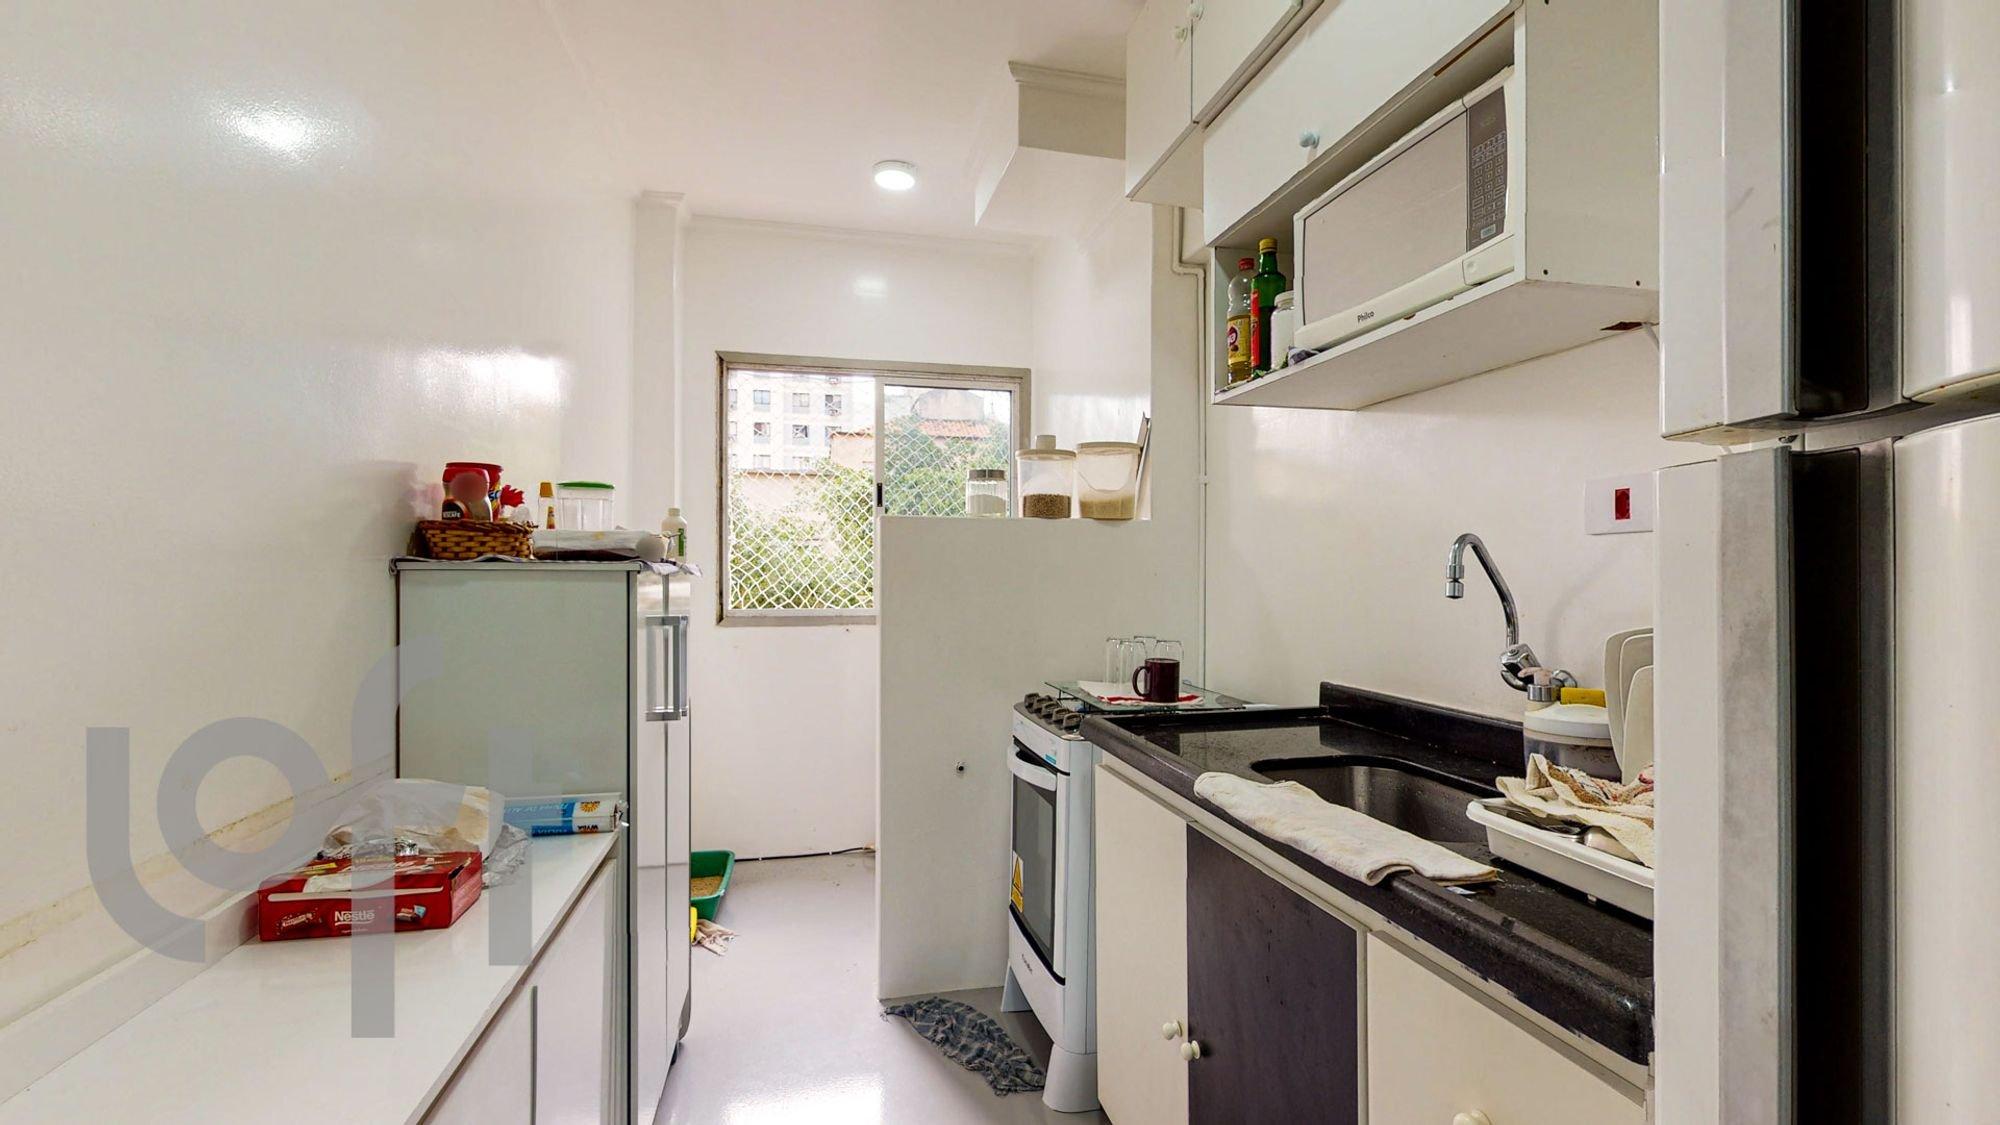 Foto de Cozinha com televisão, pia, garrafa